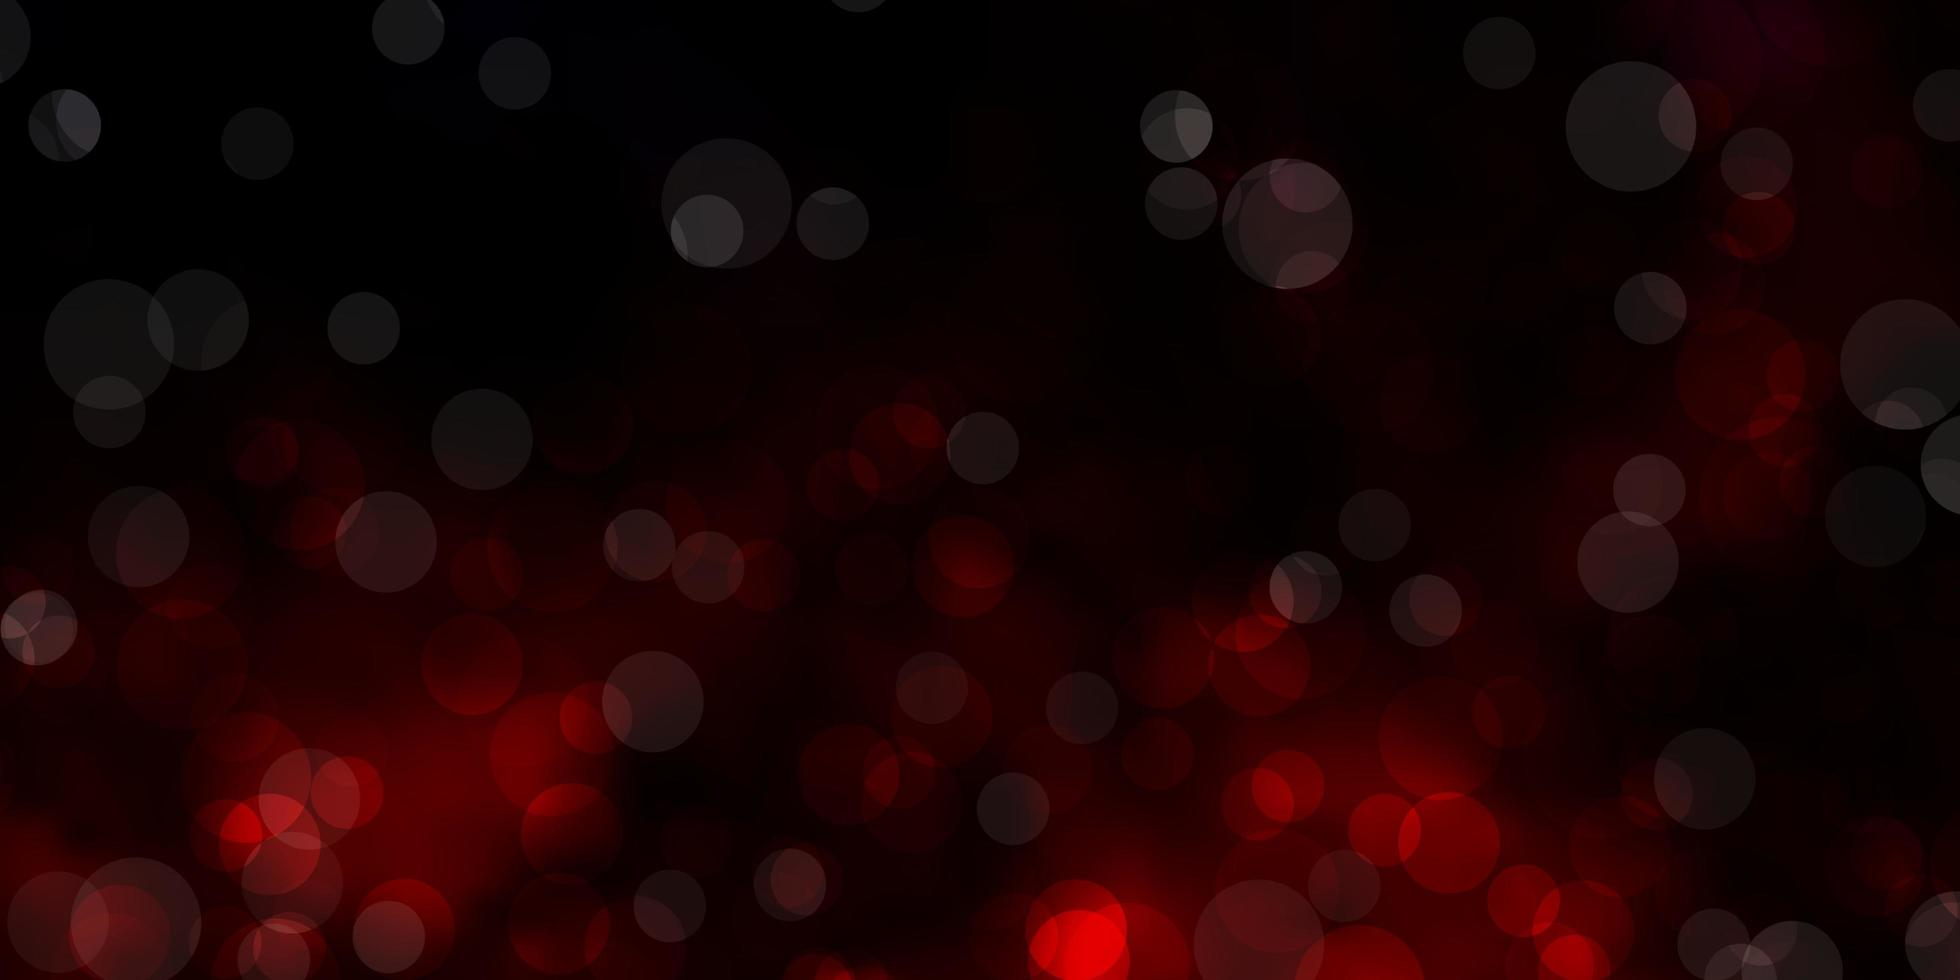 sfondo rosso scuro con bolle. vettore